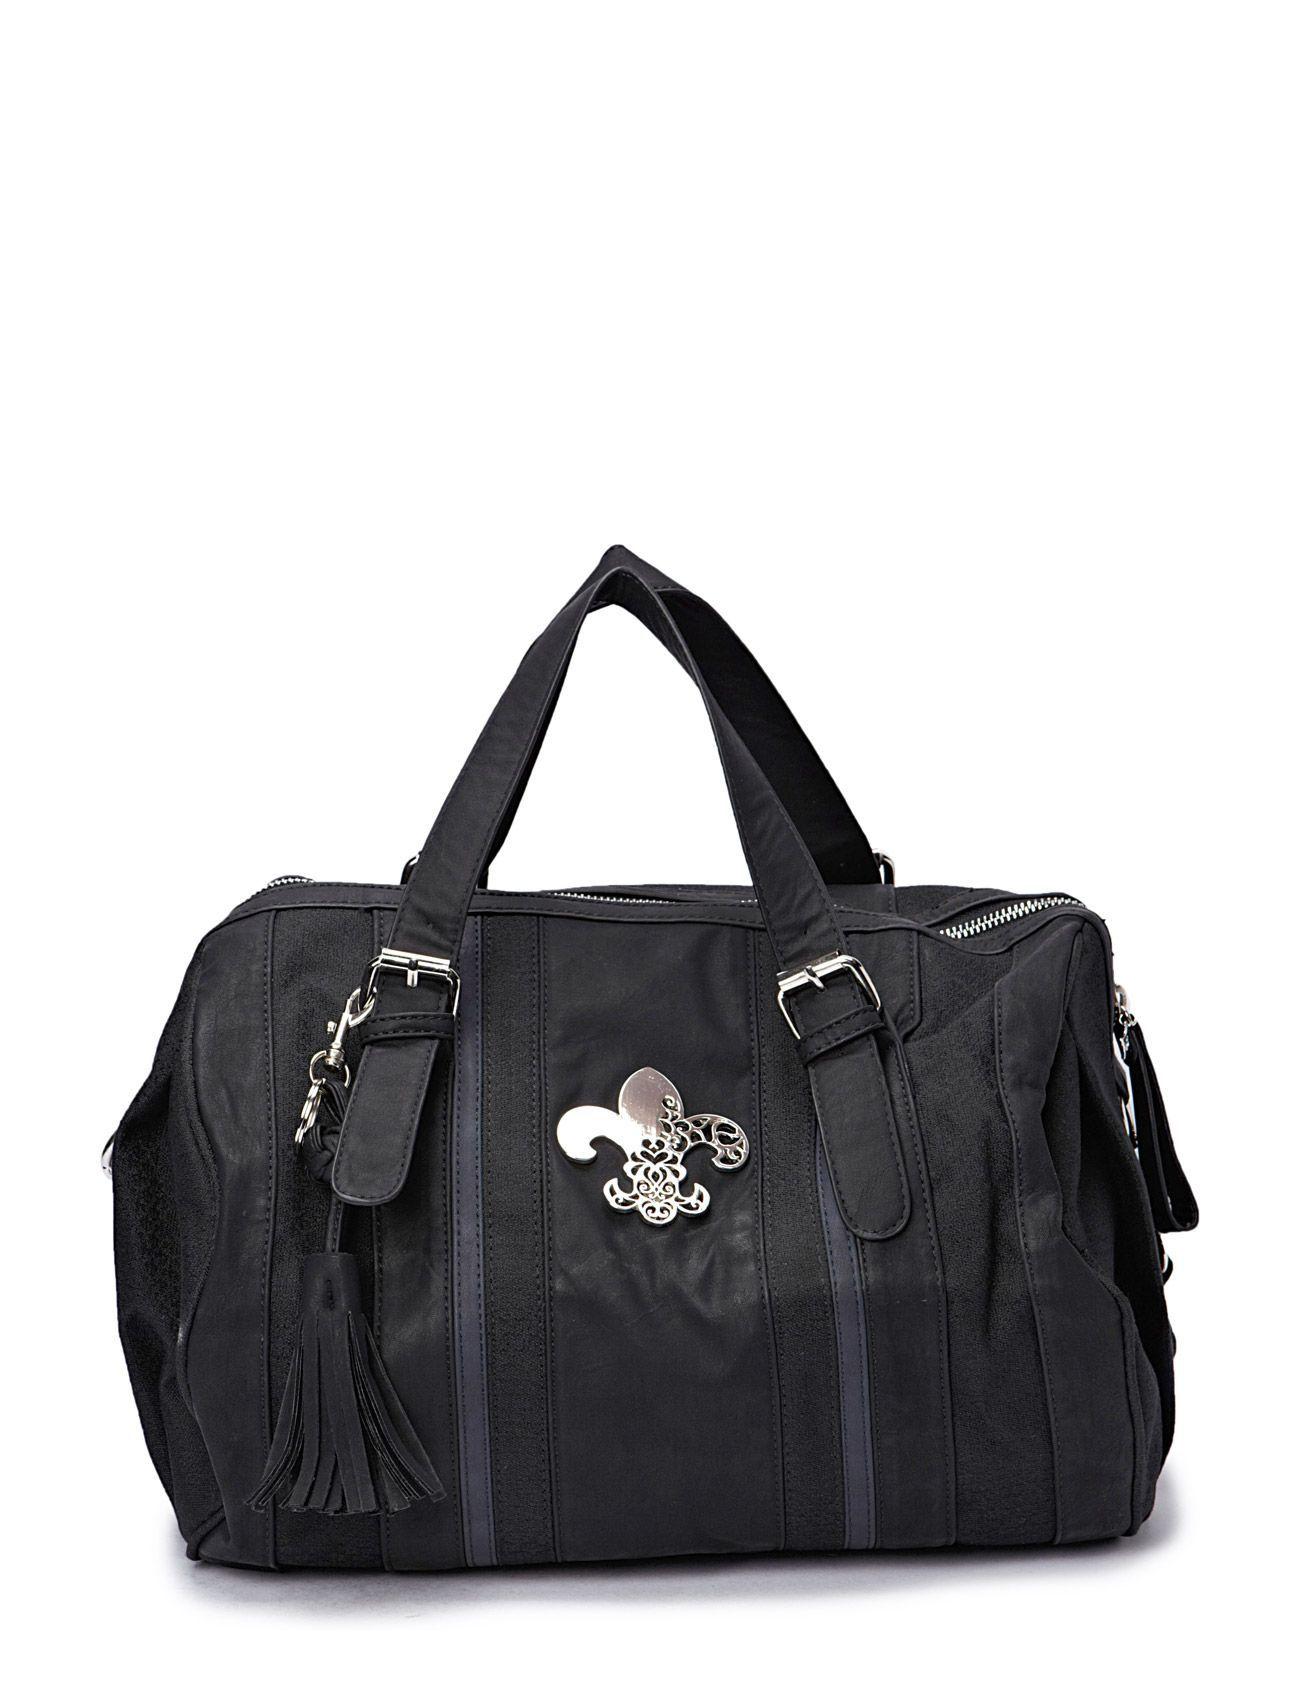 Friis & Company Eaton Handbag